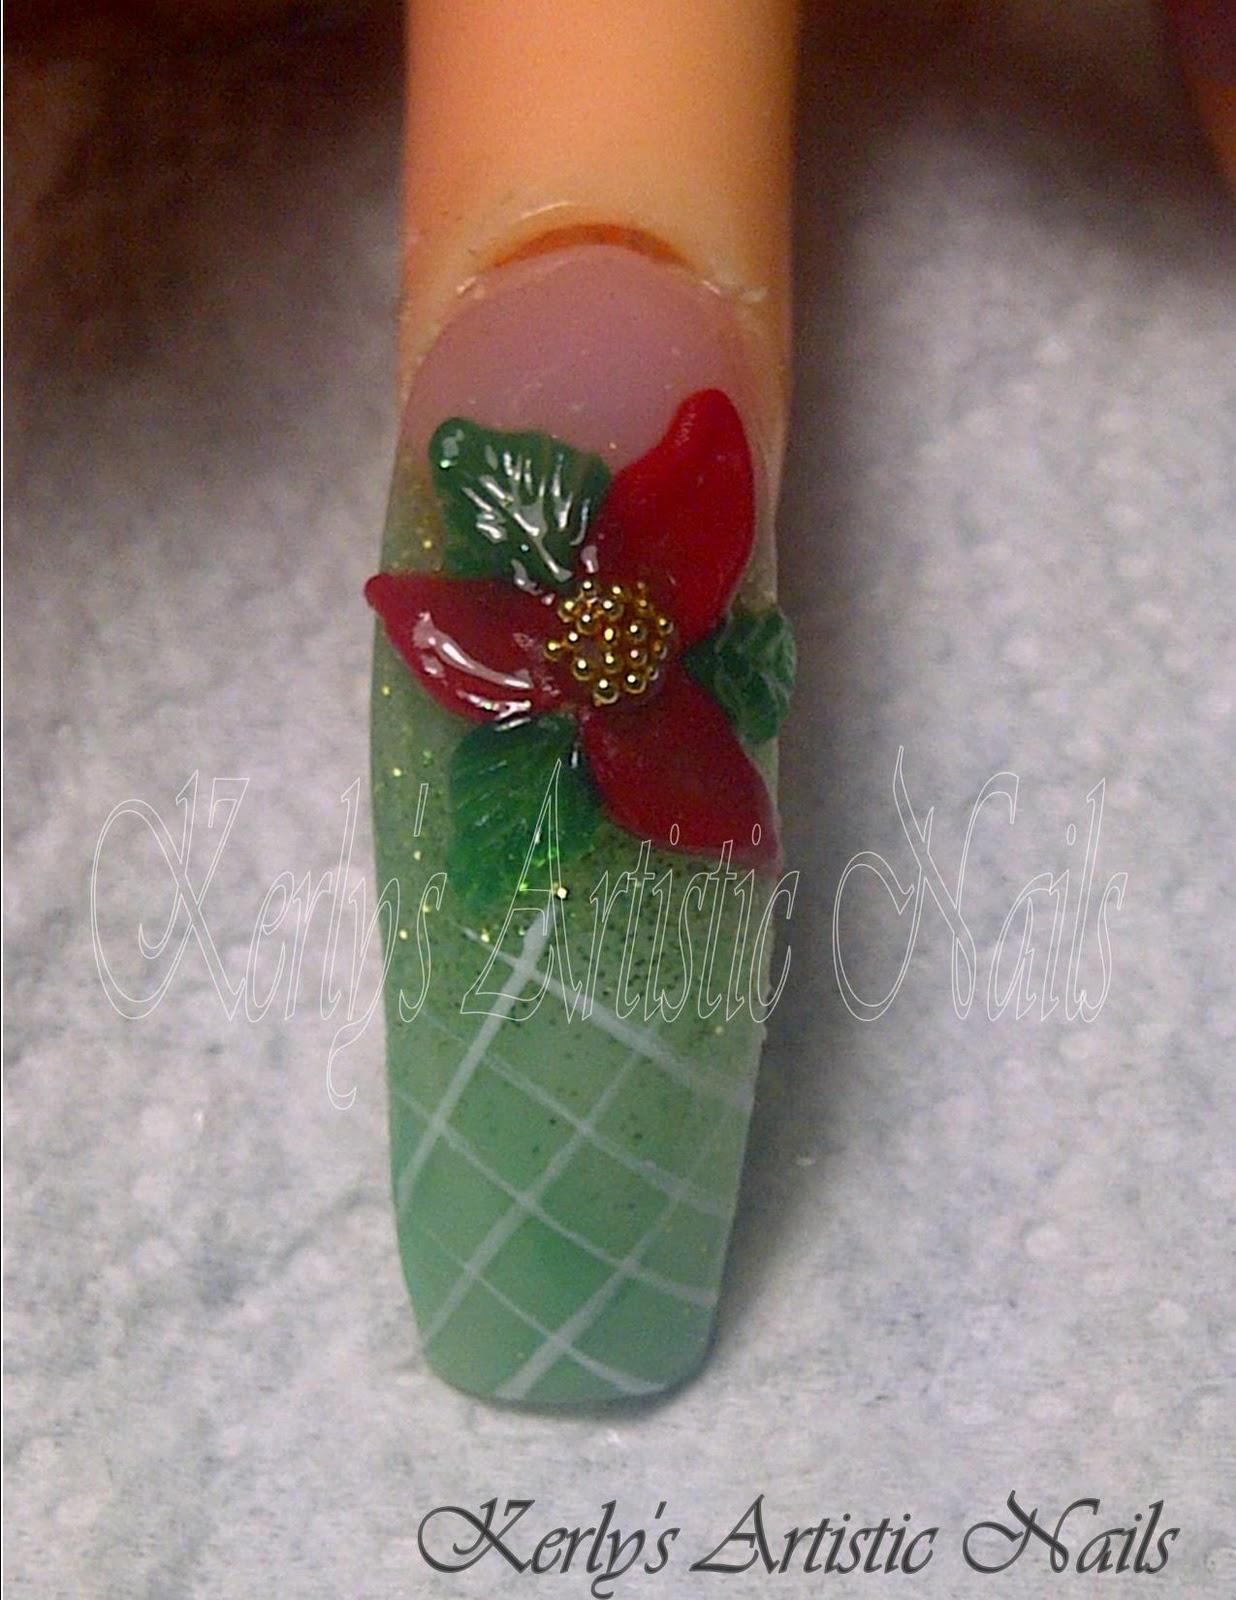 Poinsettia nail art design short nails : Artistic nails christmas nail art designs kerly s